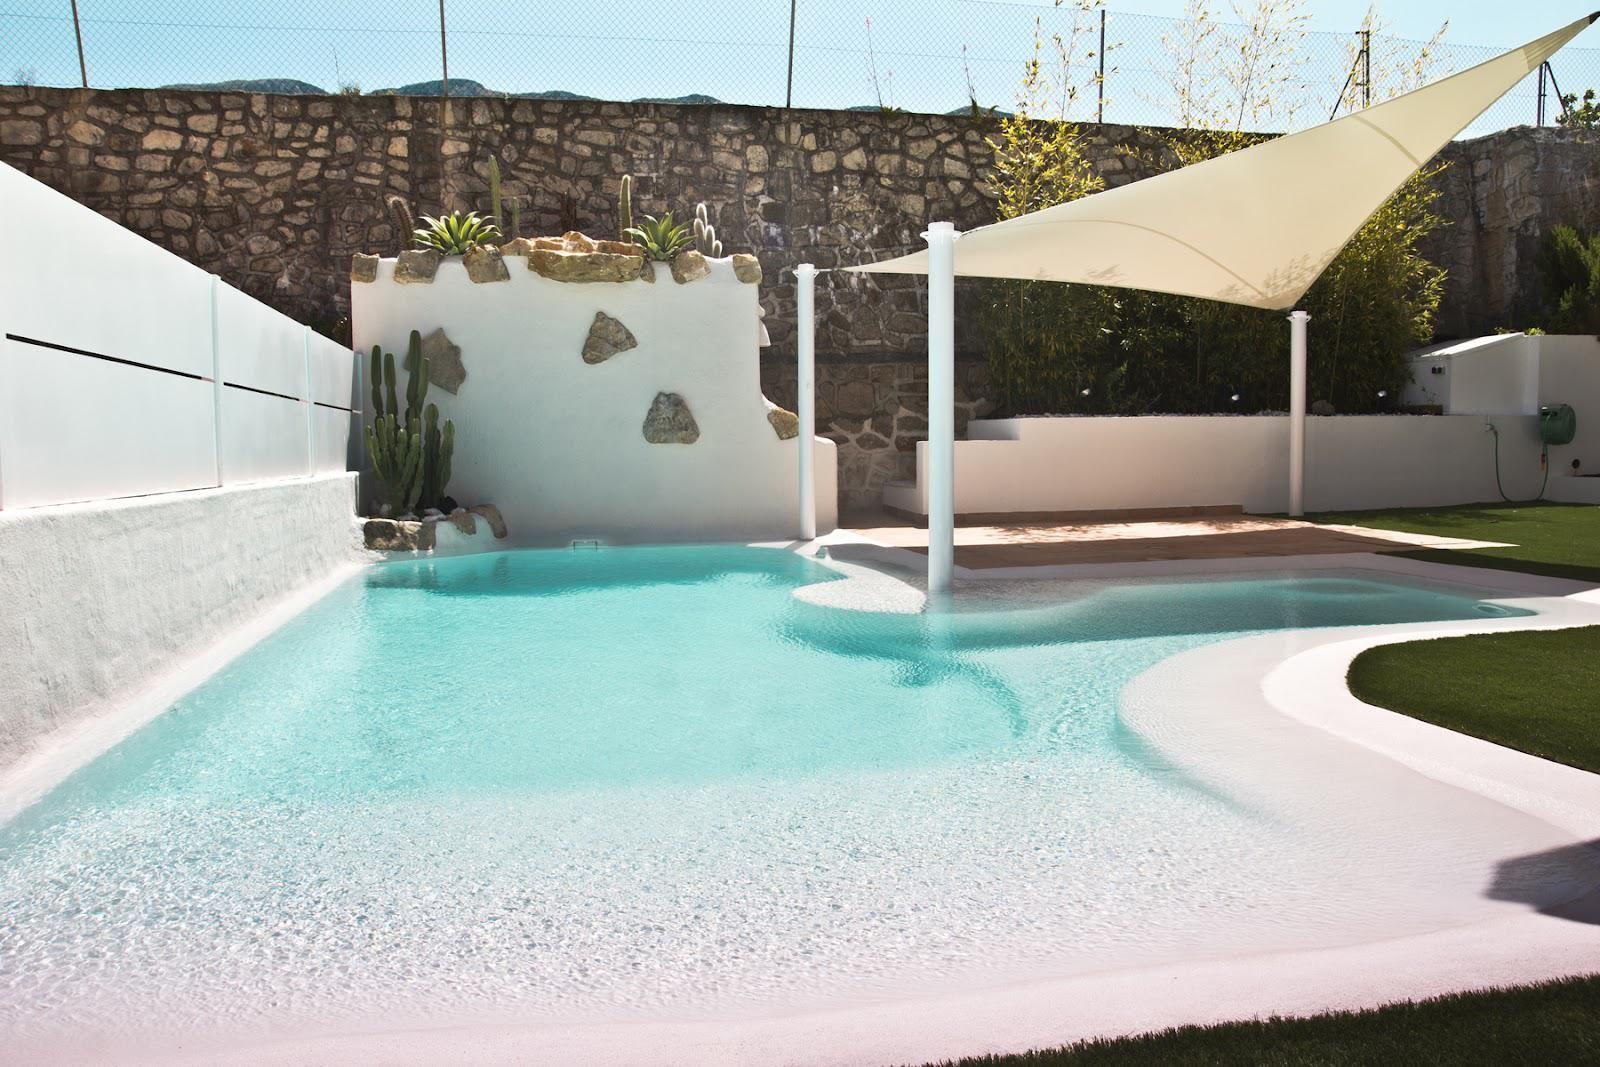 piscinas de arena o cómo disfrutar de la playa sin salir de casa